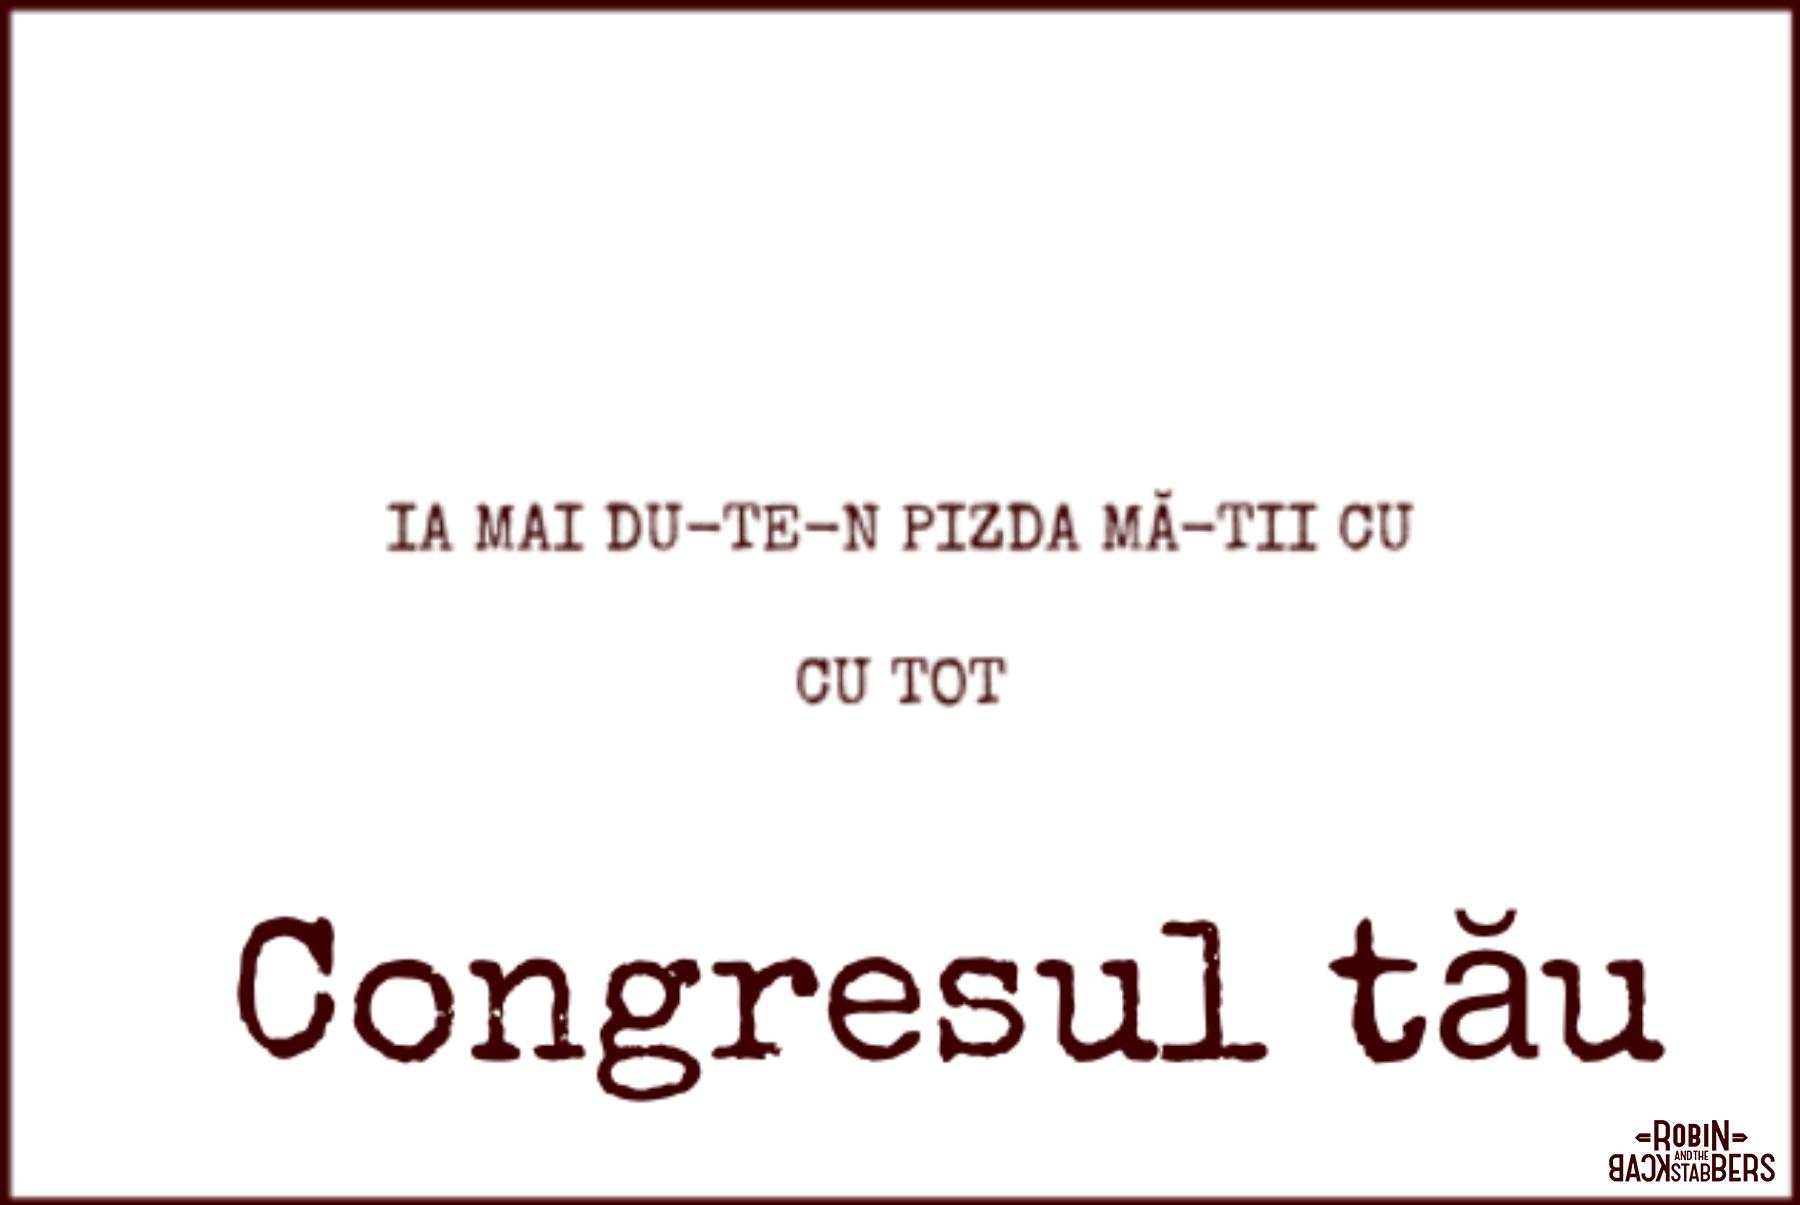 Congresul tău